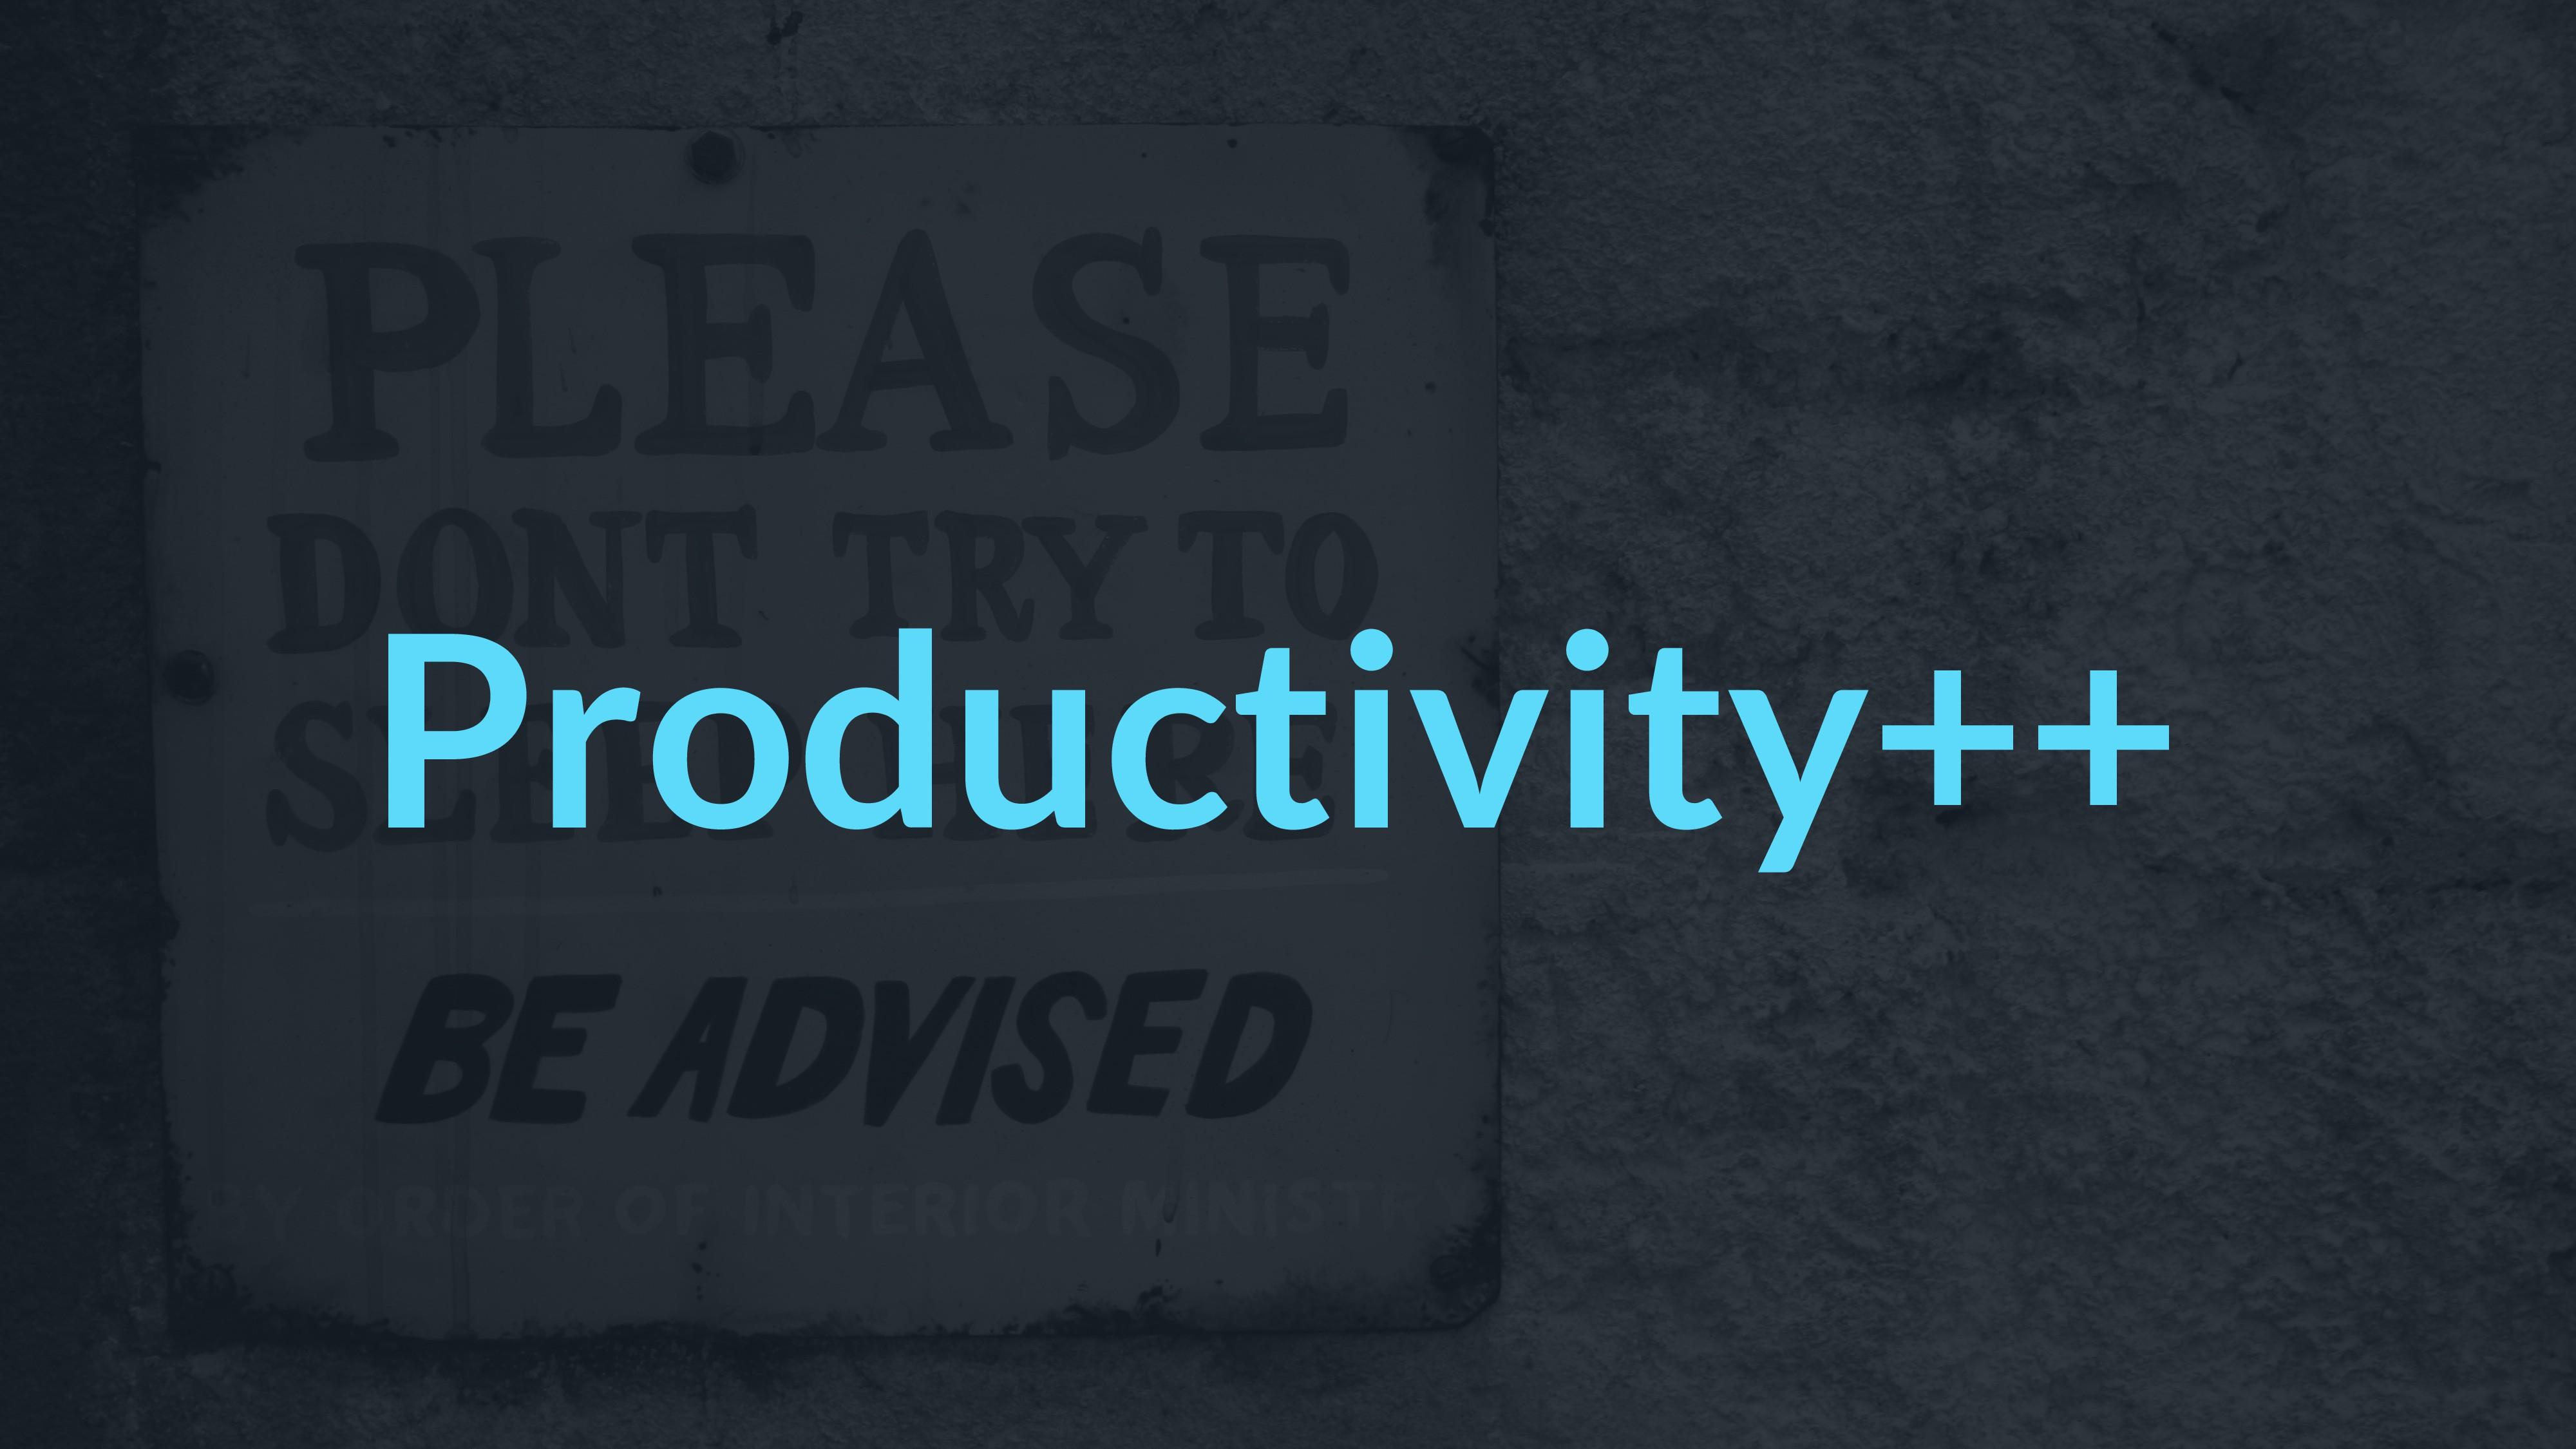 Productivity++